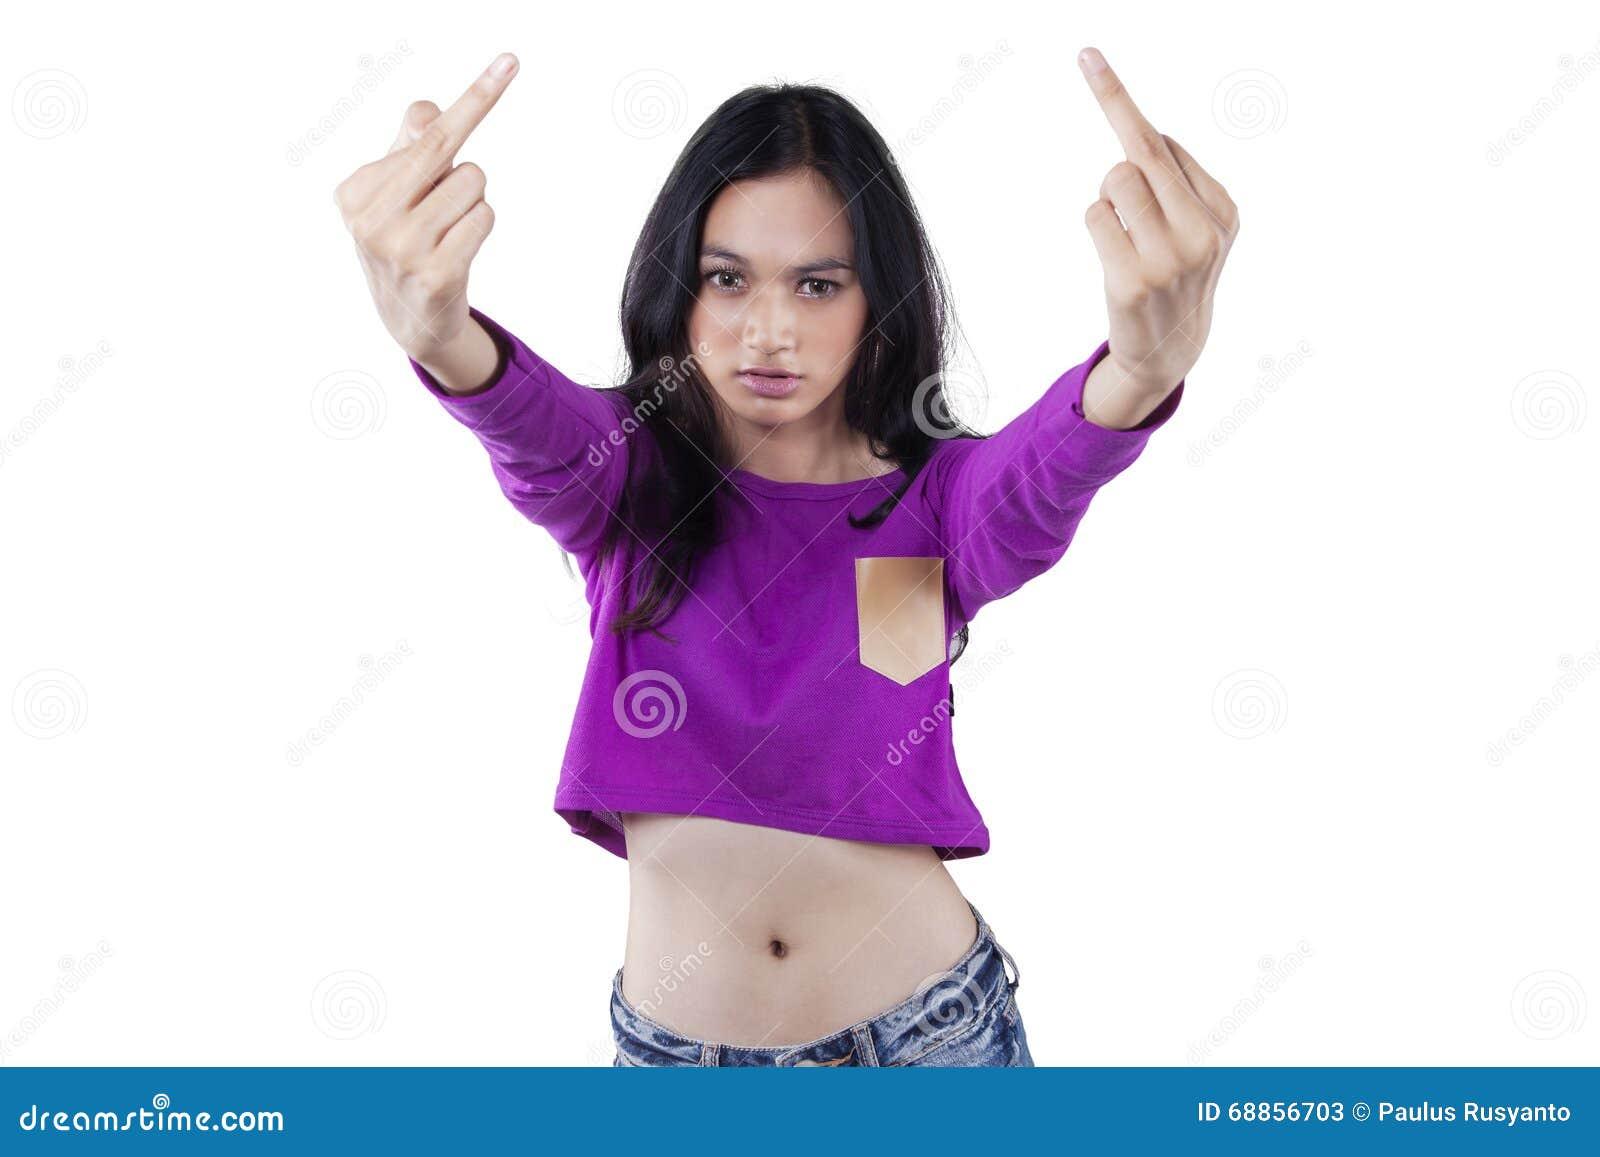 asiático libre adolescente